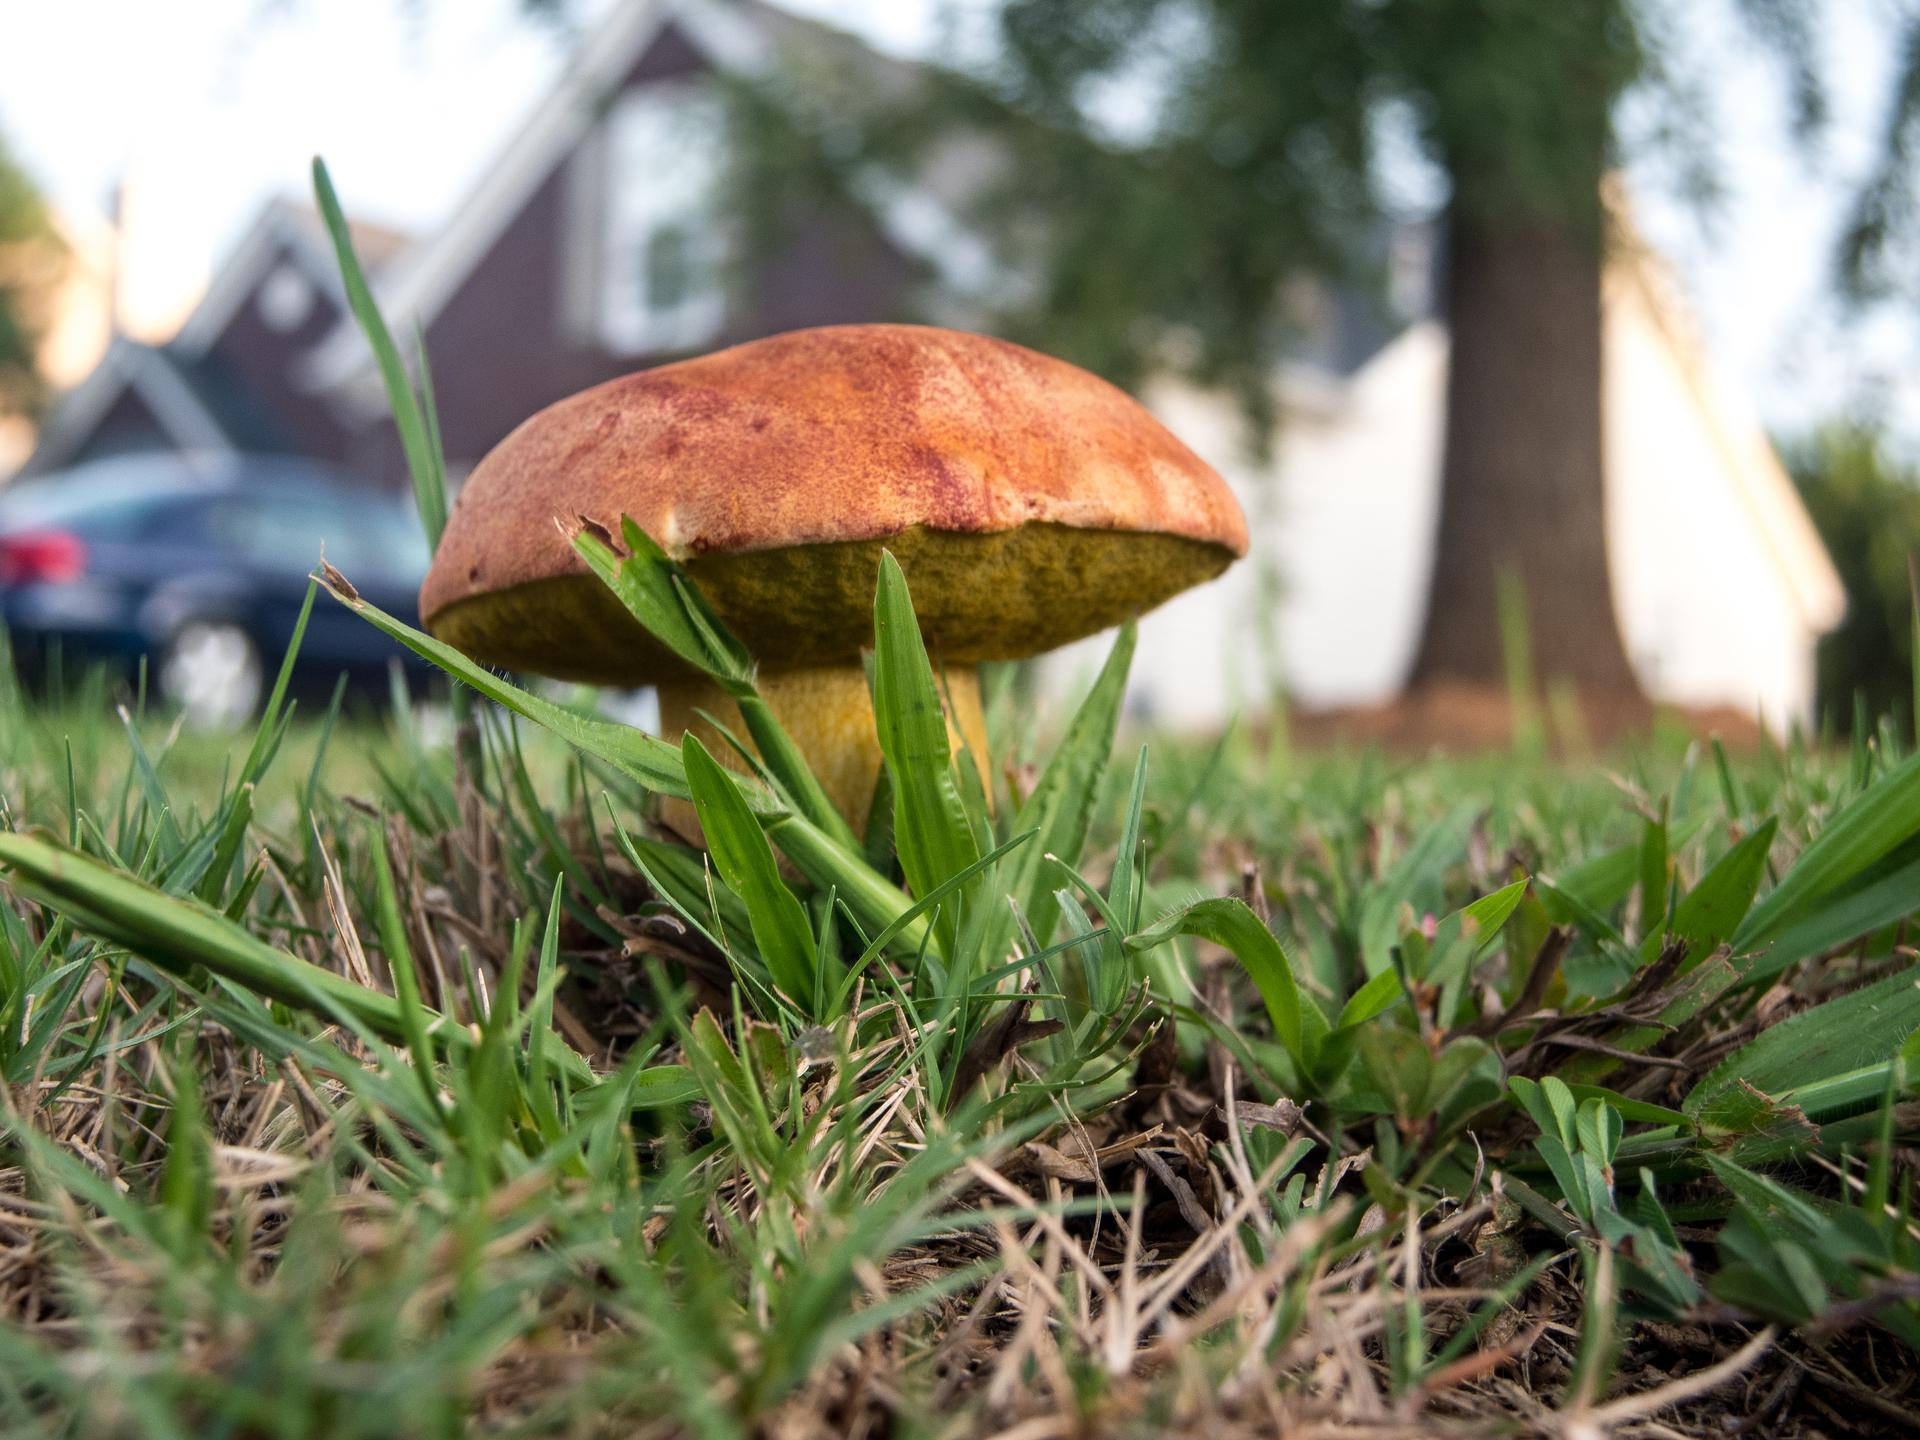 Toadstool. Toadstool | jrcastine, mushroom, autumn, ground